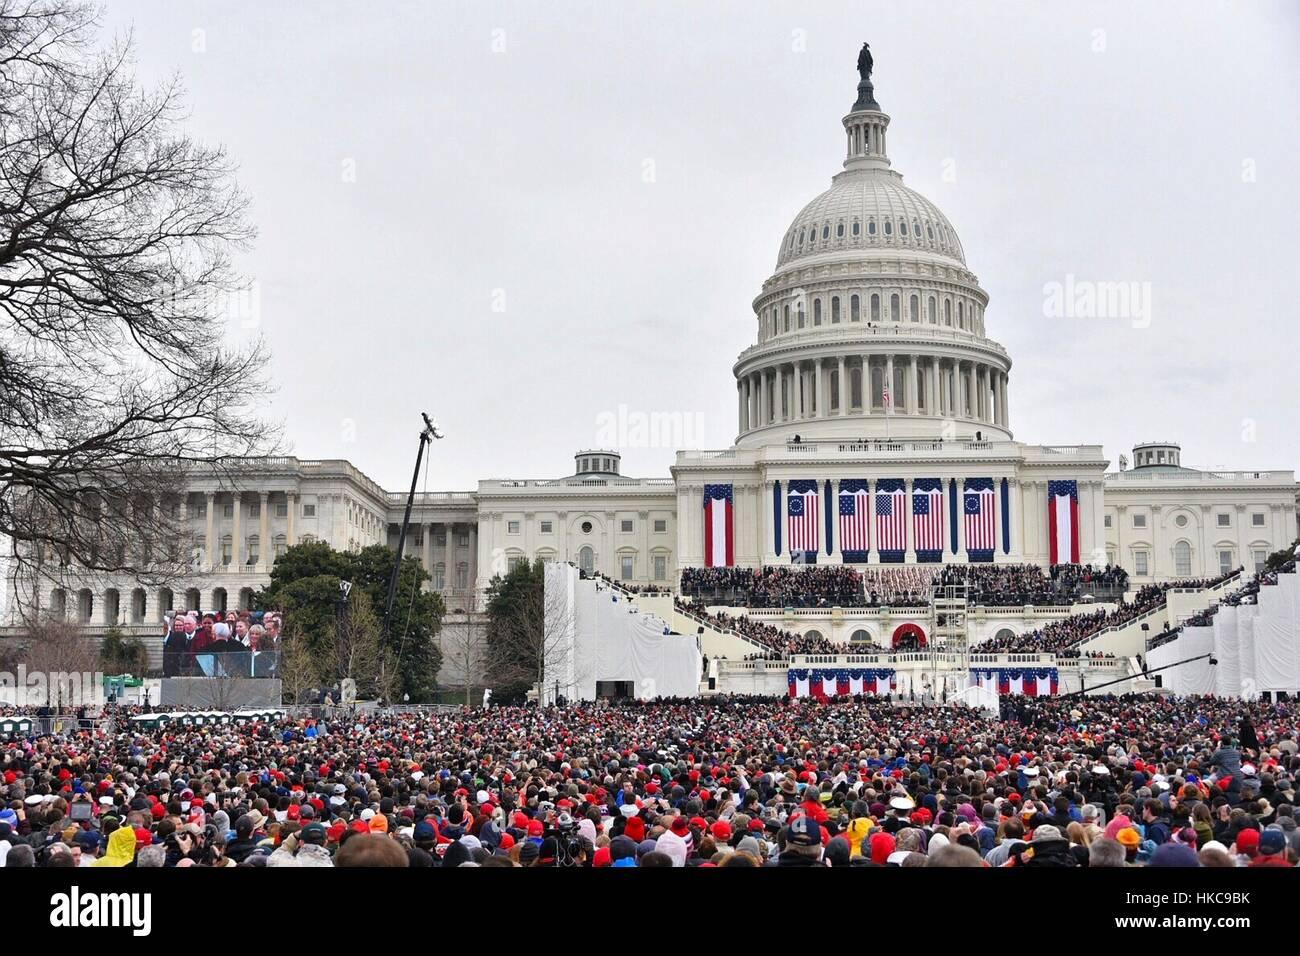 Massen vor dem US Capitol für die 58. Presidential Inauguration von Donald Trump 20. Januar 2017 in Washington, Stockbild